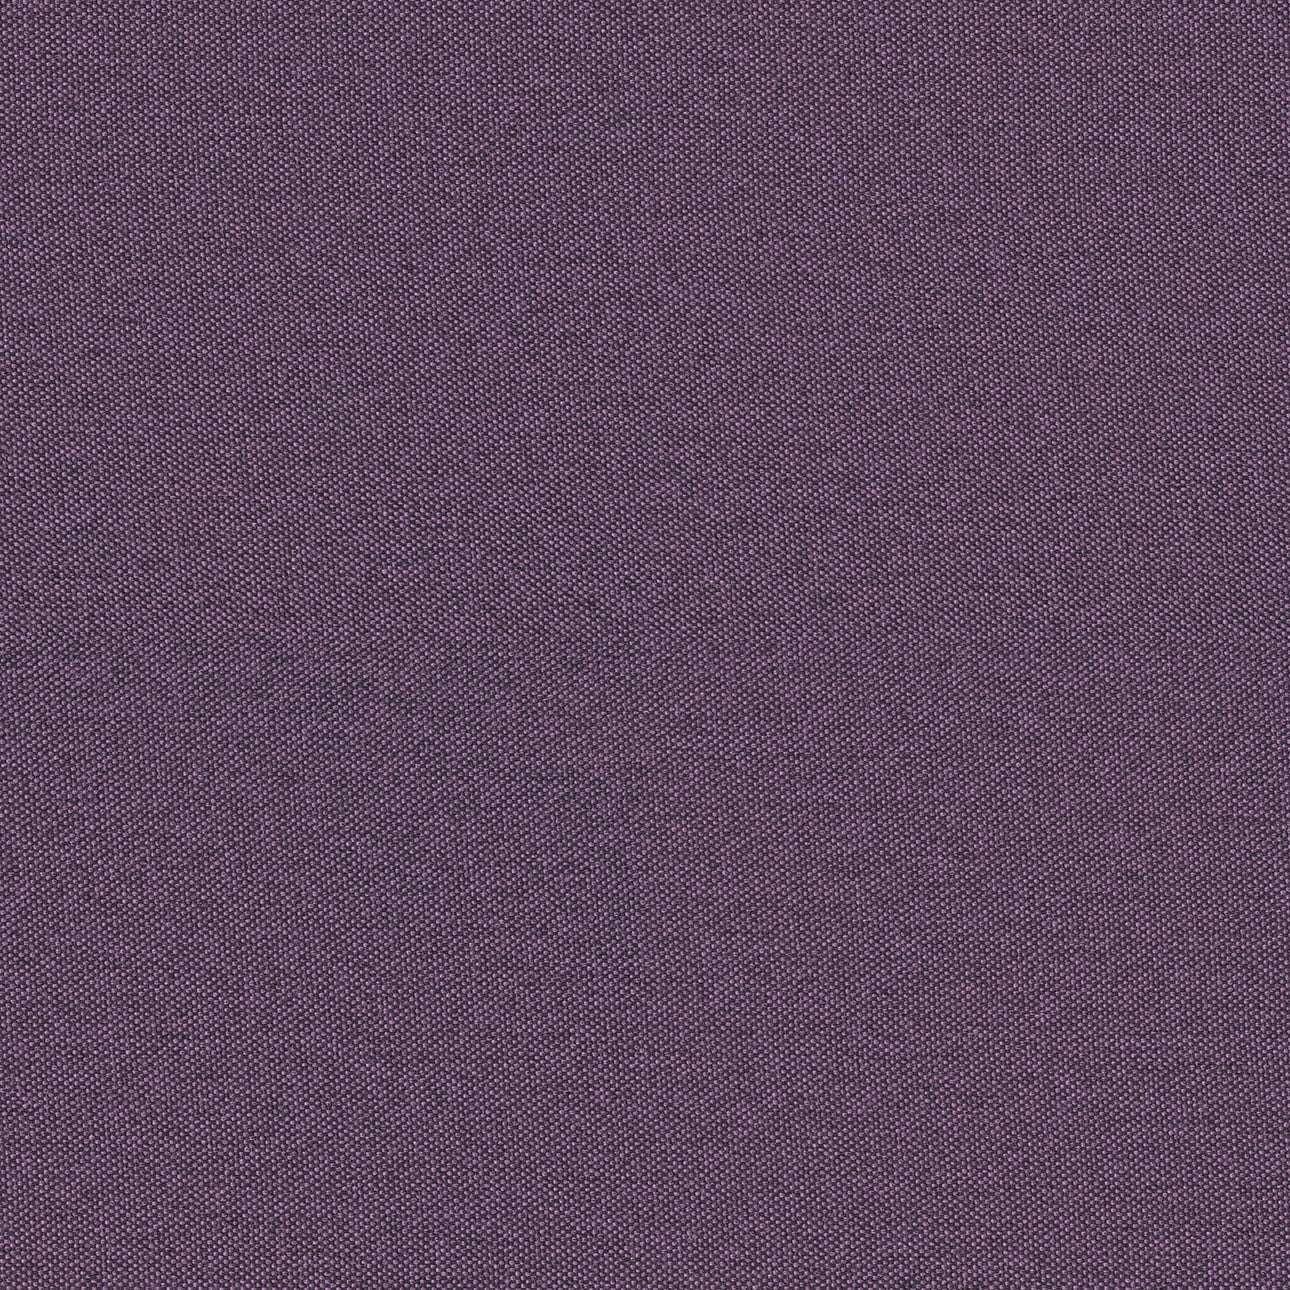 Etna 161-27 w kolekcji Etna, tkanina: 161-27